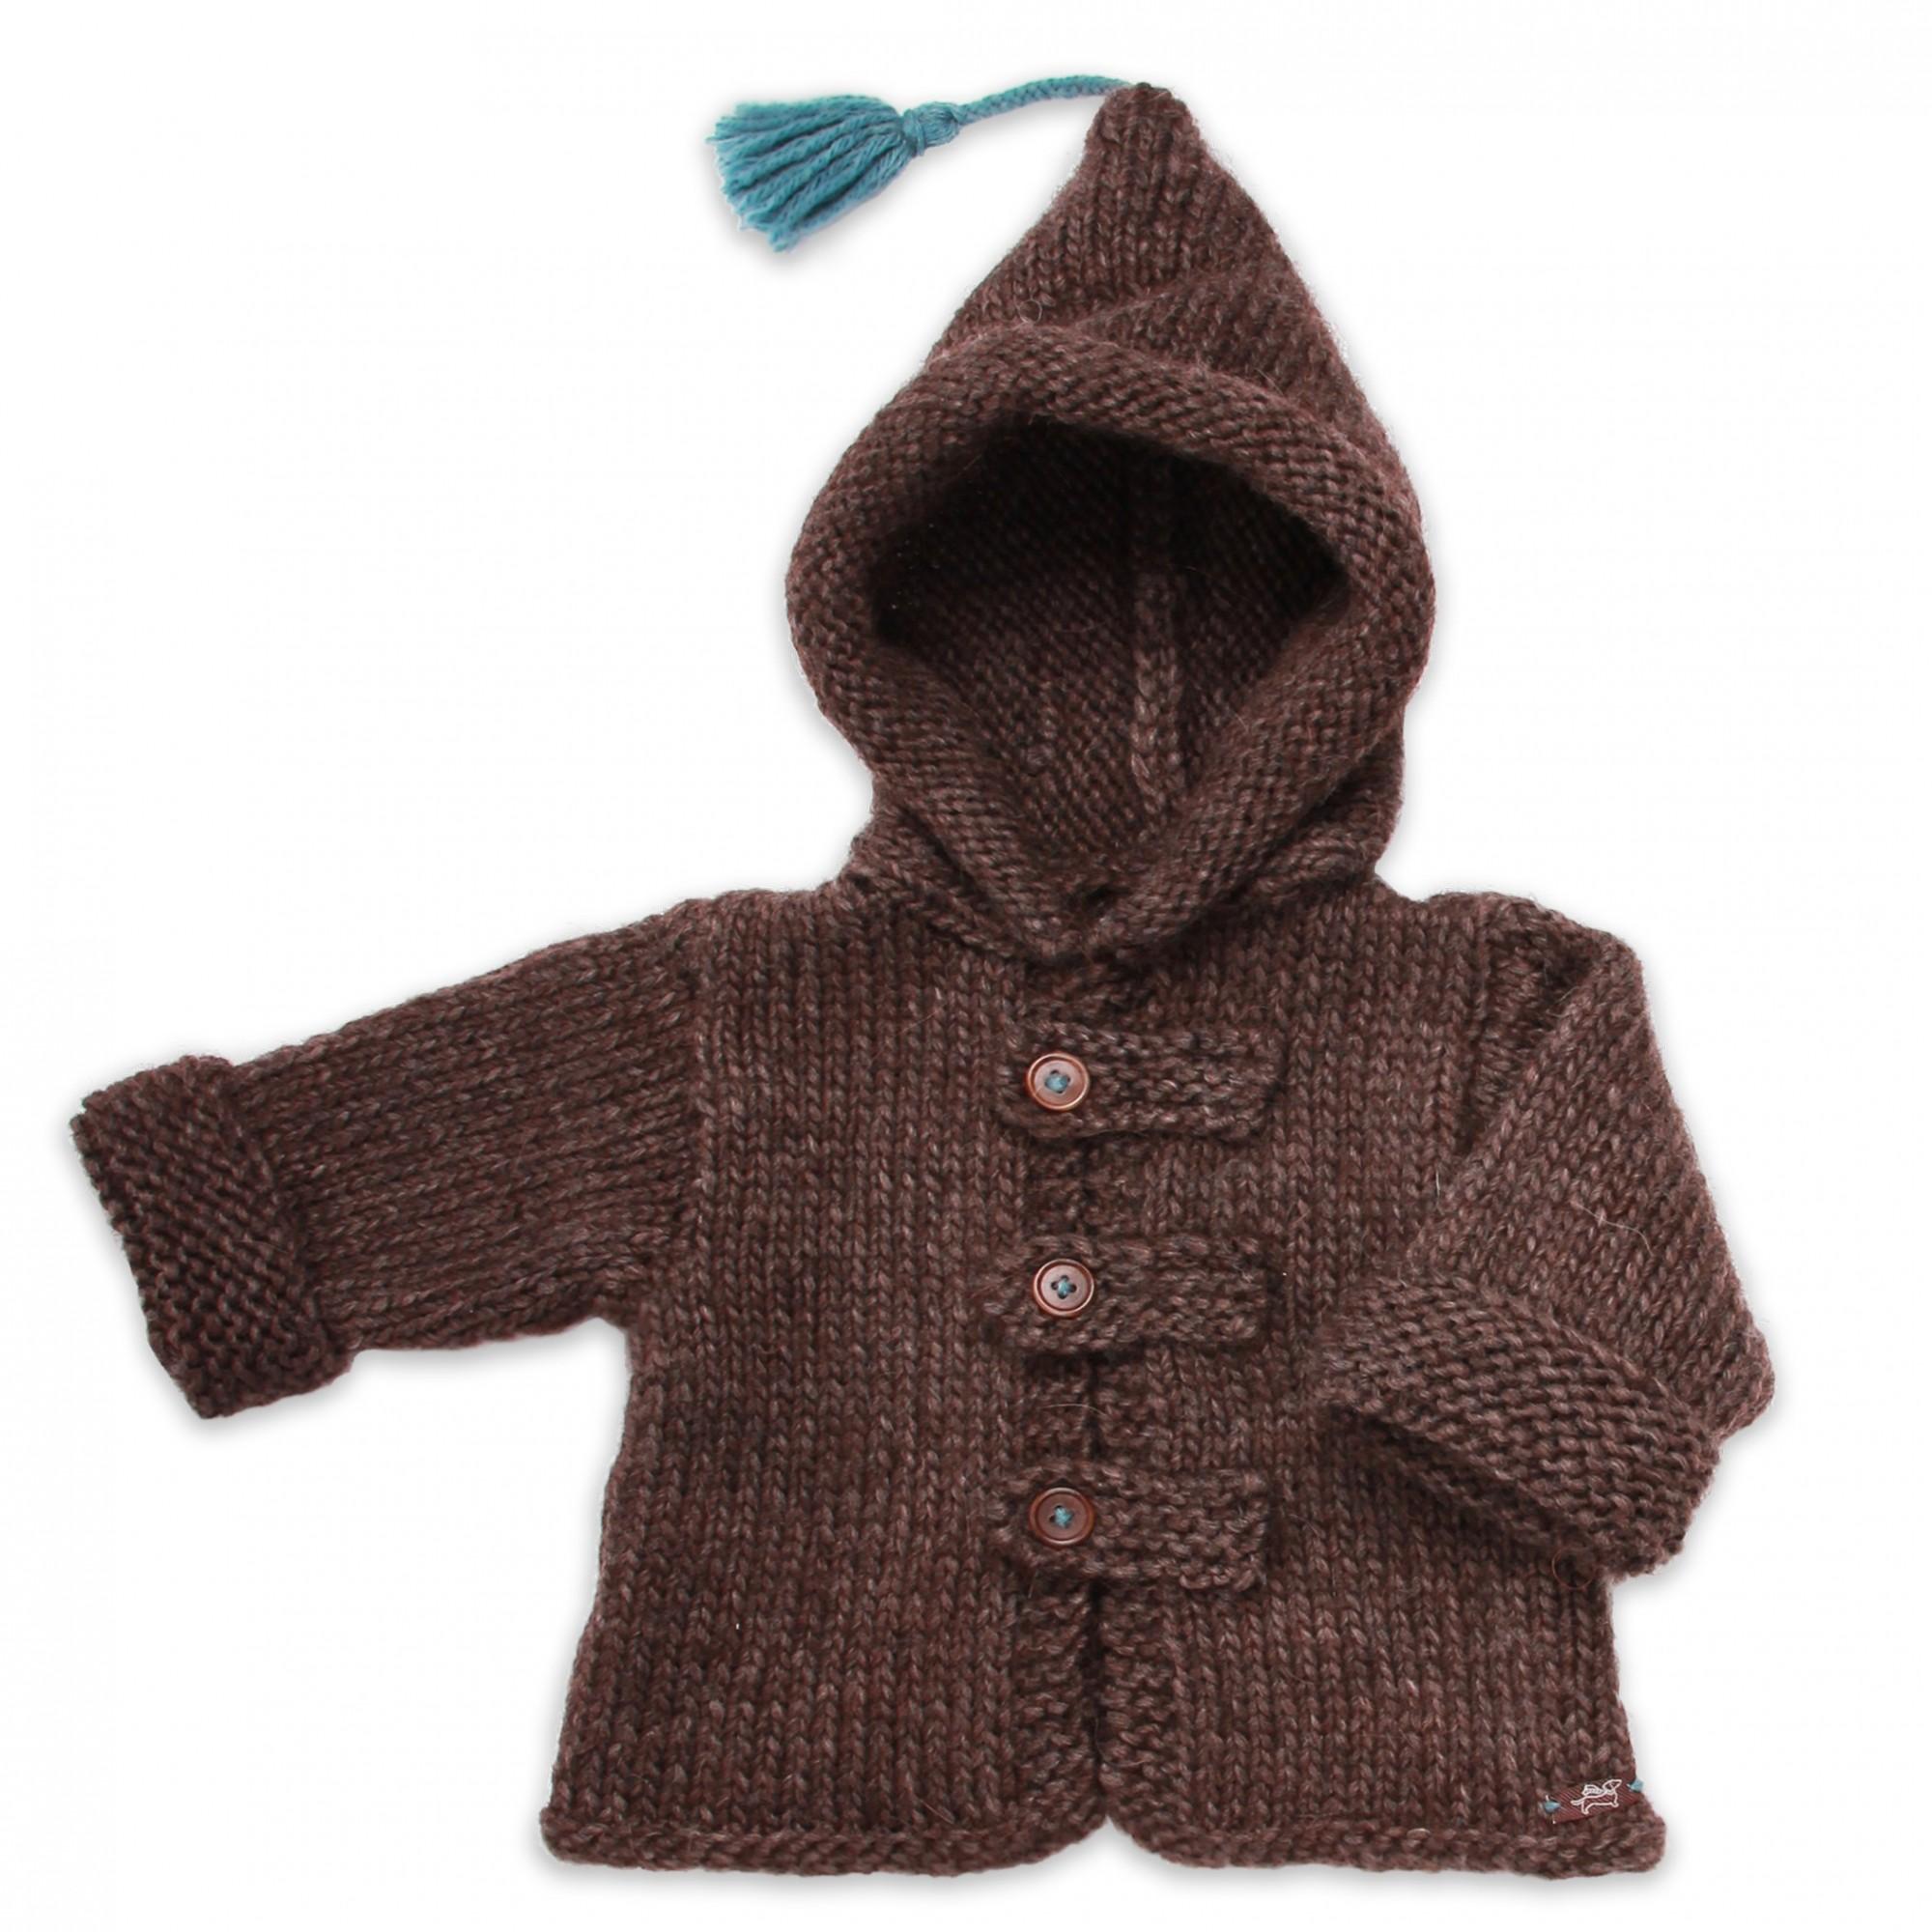 Les tricots de mamy - Manteau bébé enfant marron chocolat et bleu ... 5dd85850533c